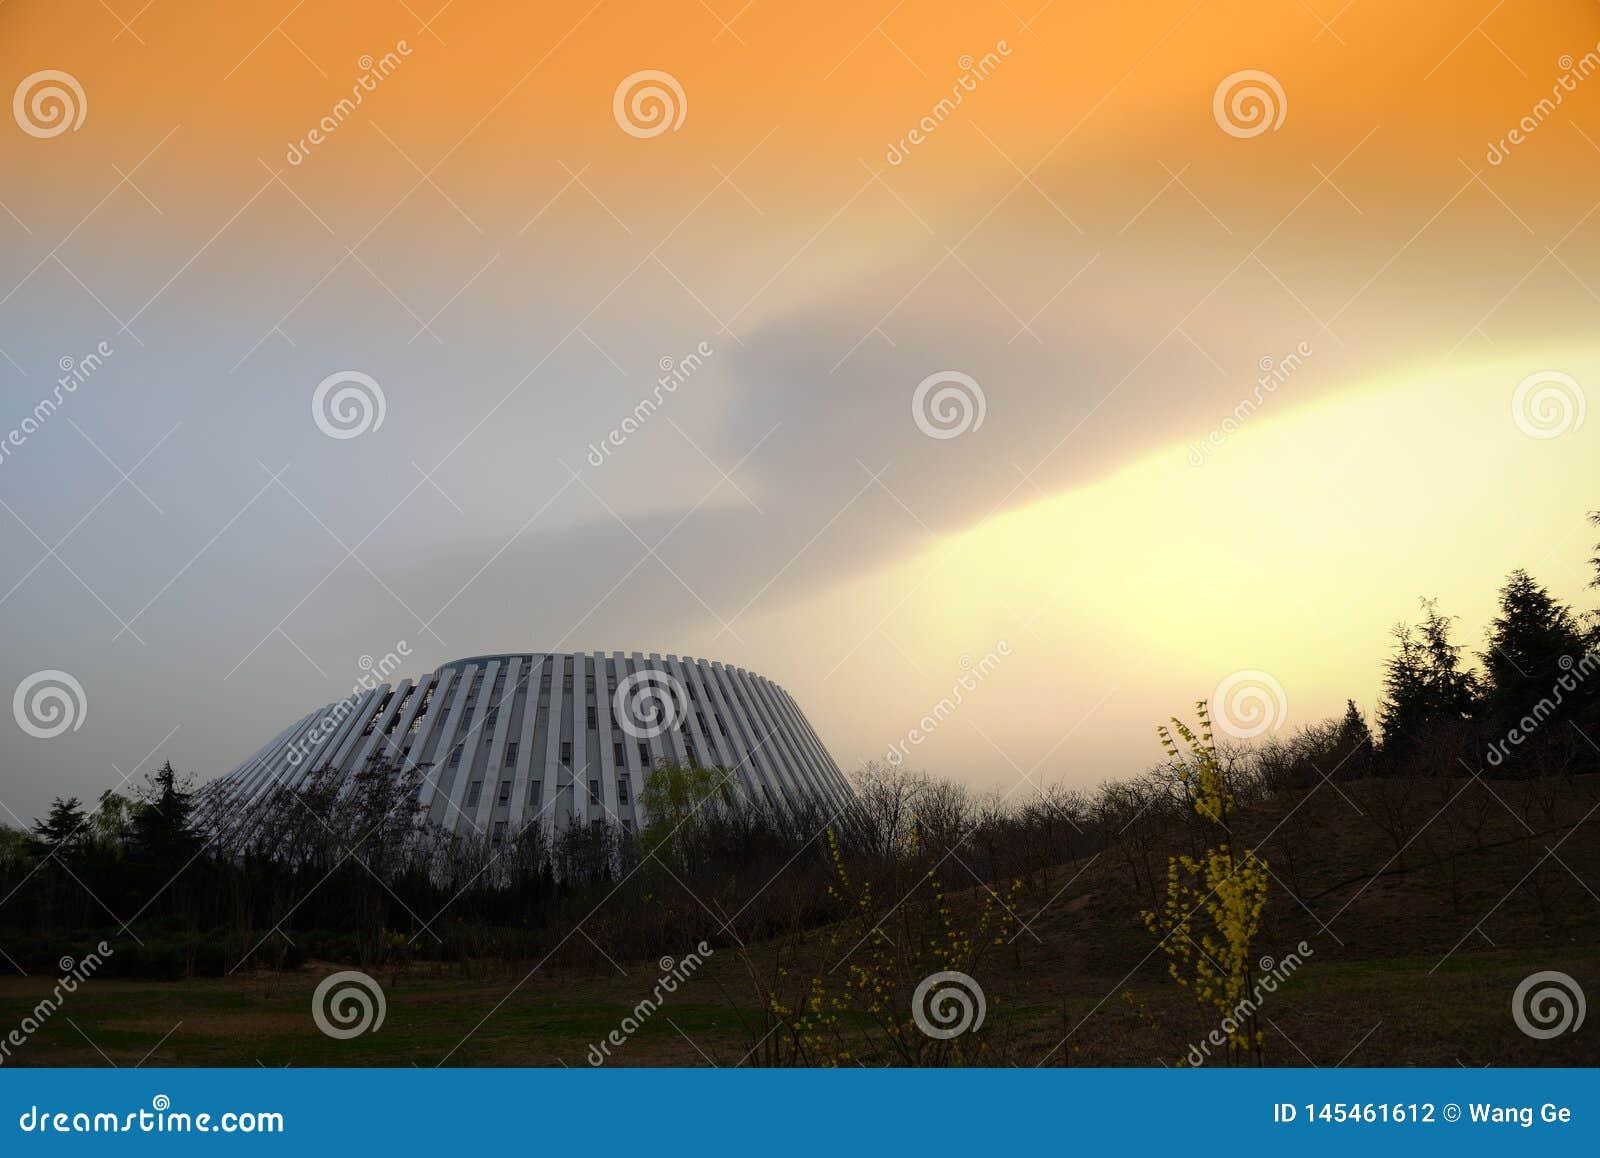 Lindy City Library en Chine dans le coucher du soleil